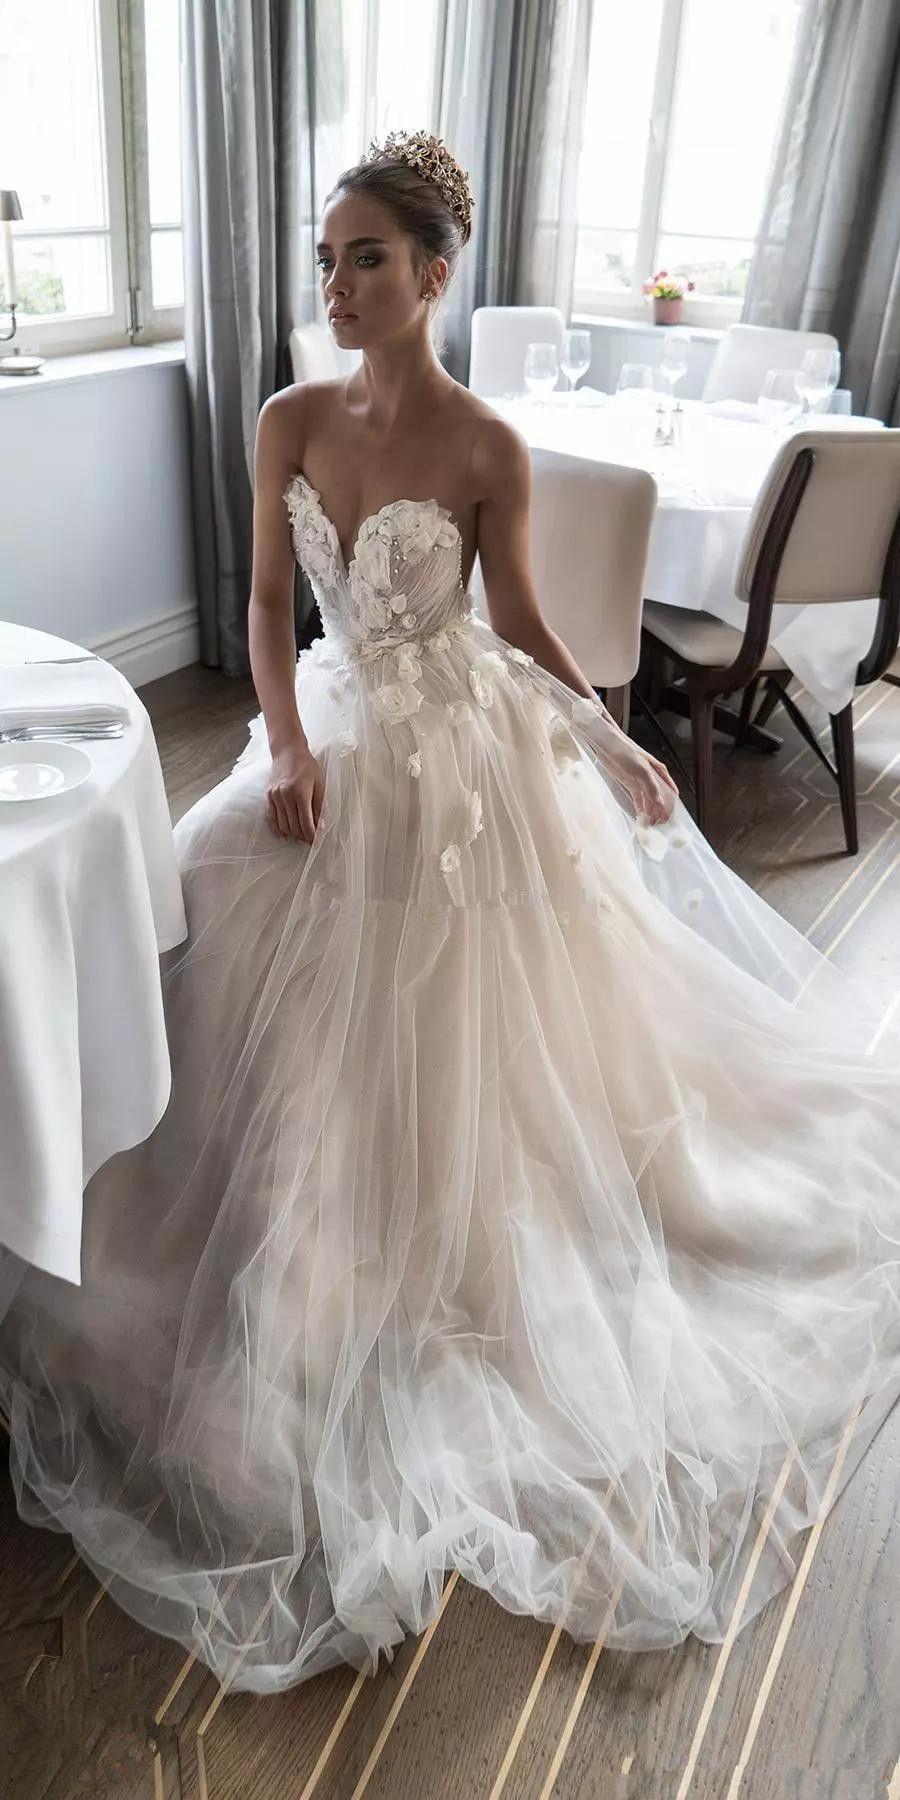 Großhandel Einzigartiges Design Handgefertigte Blumen Hochzeitskleid  Liebsten Perlen Tüll Eine Linie Romantische Design Brautkleider Nach Maß  Von